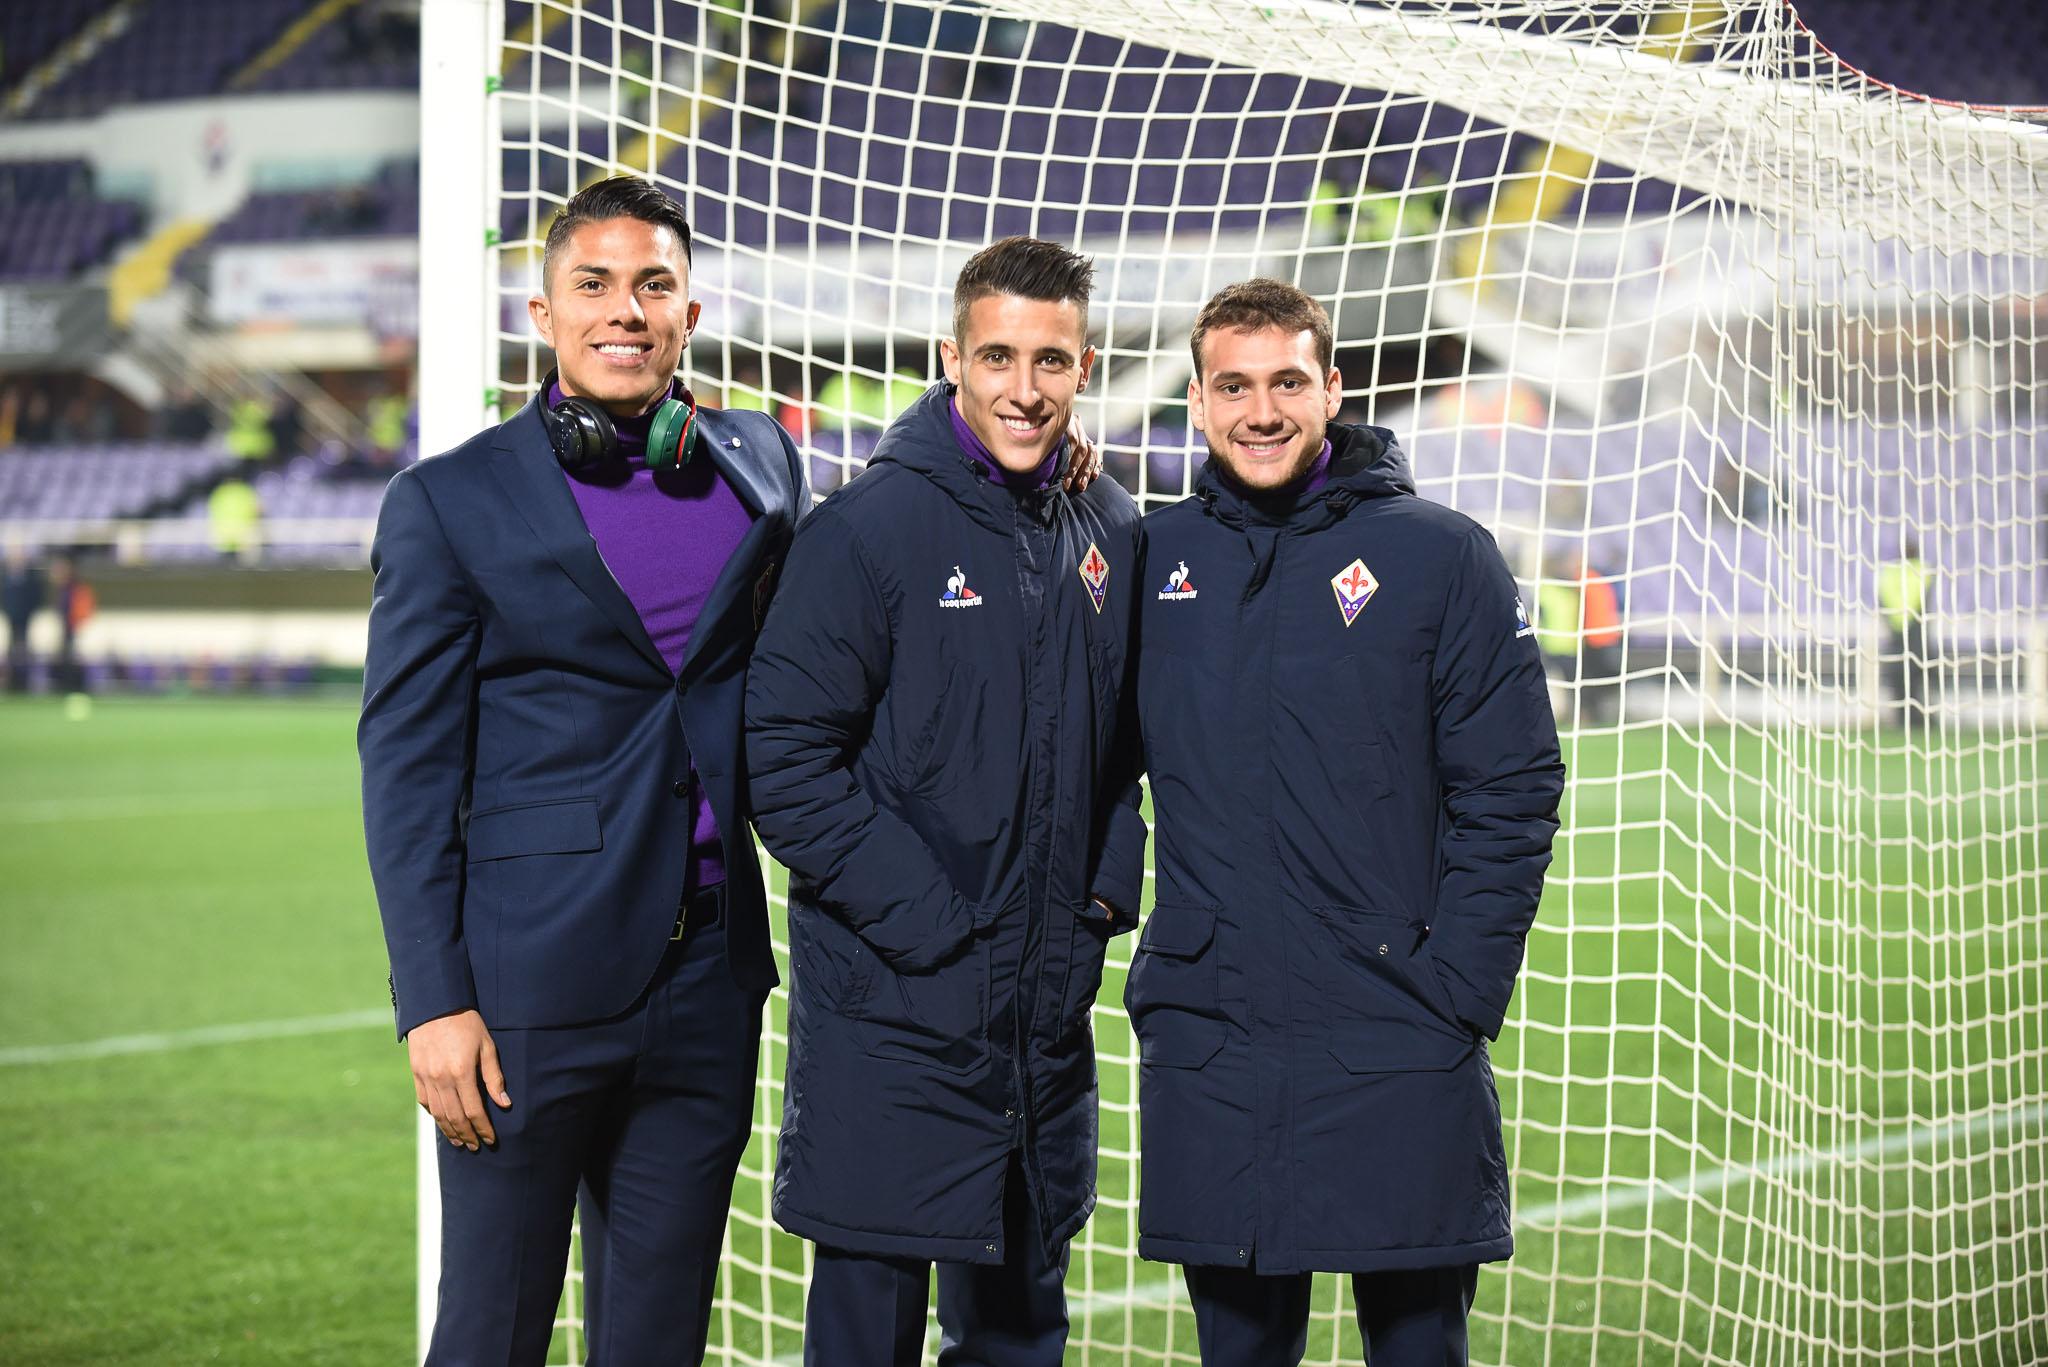 La Fiorentina ha riscattato Tello, versati i 5,5 milioni al Barcellona